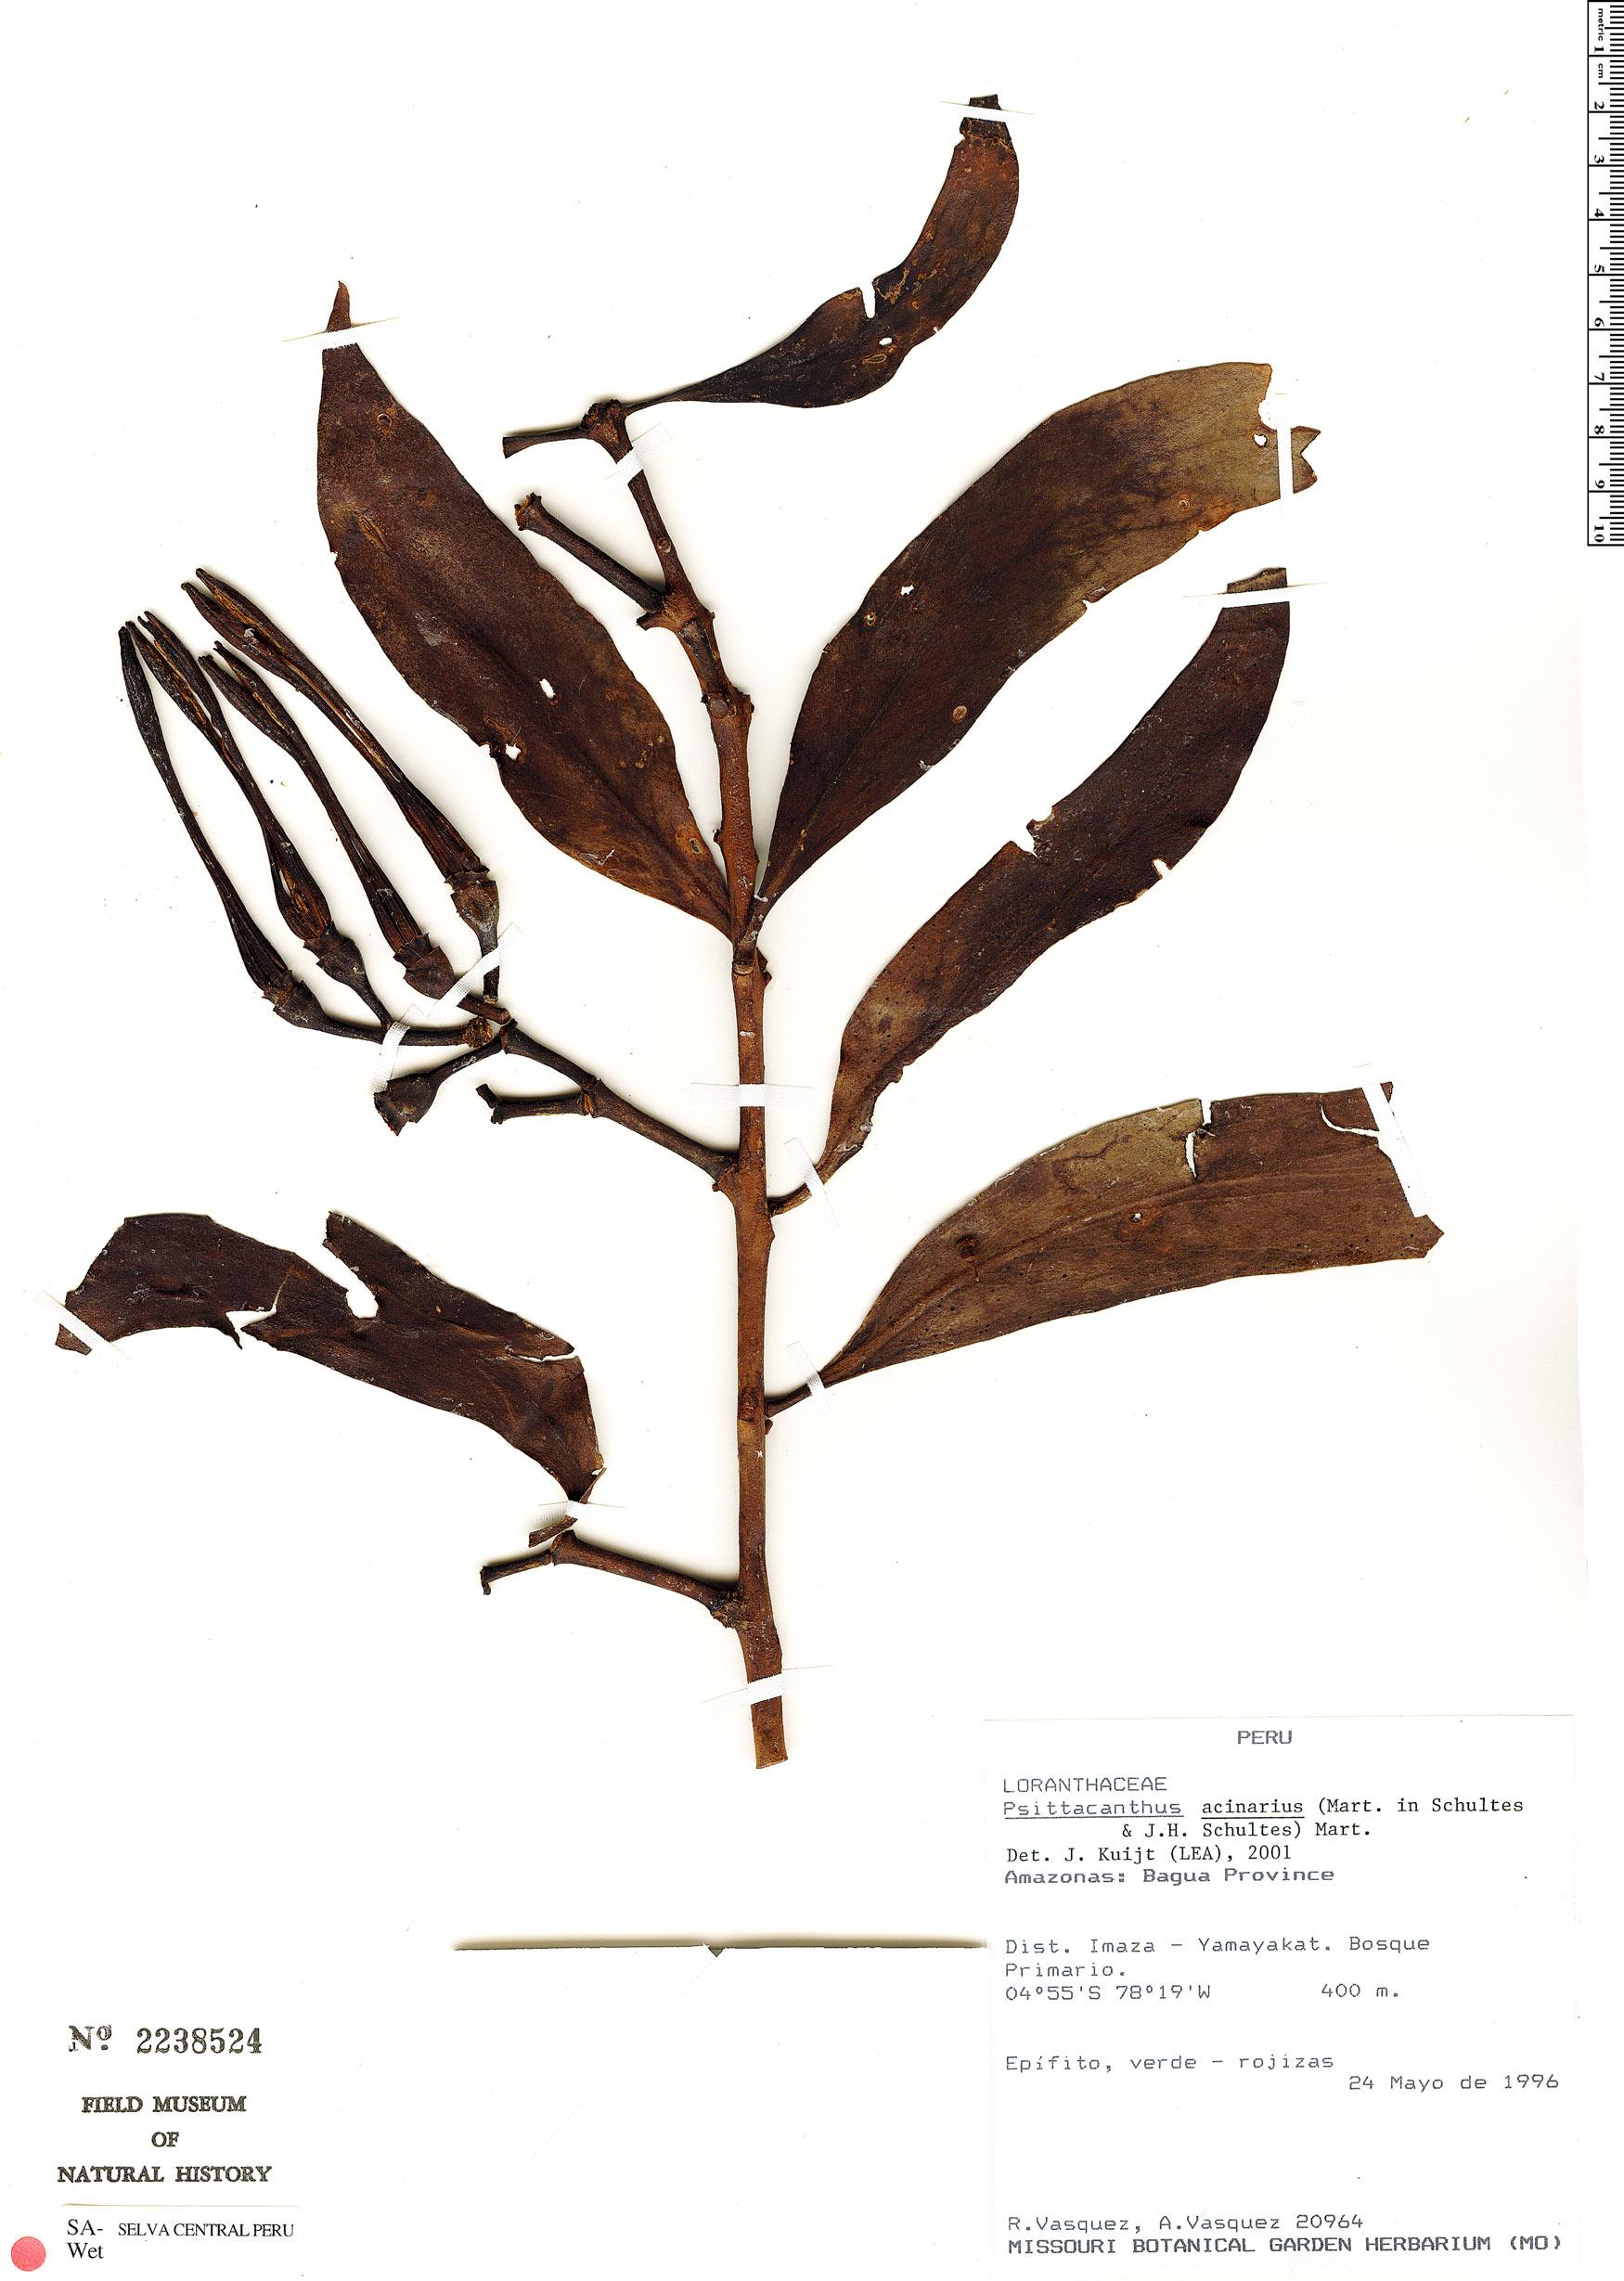 Specimen: Psittacanthus acinarius